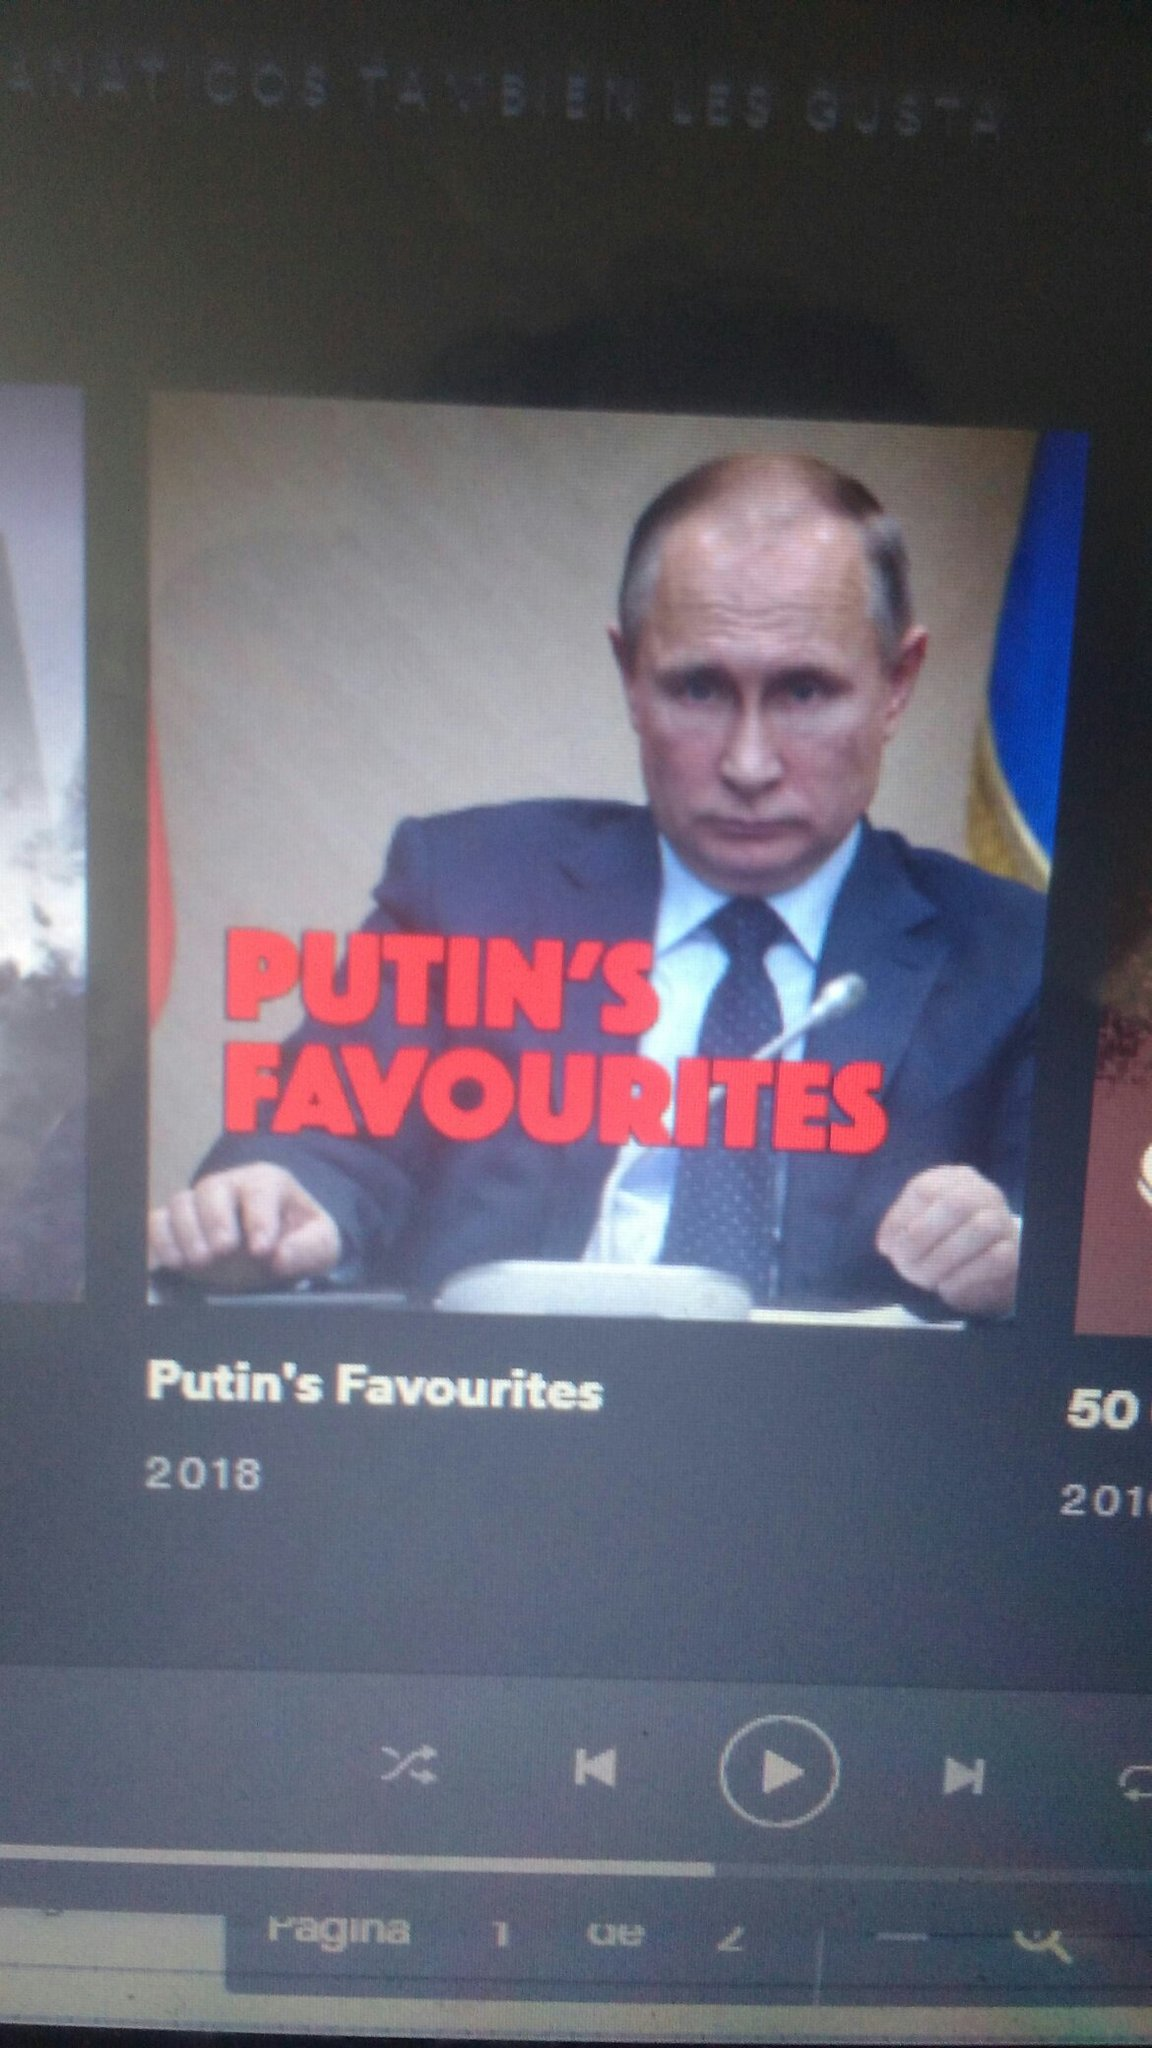 Me lo encontré buscando álbumes de punk en Spotify - meme